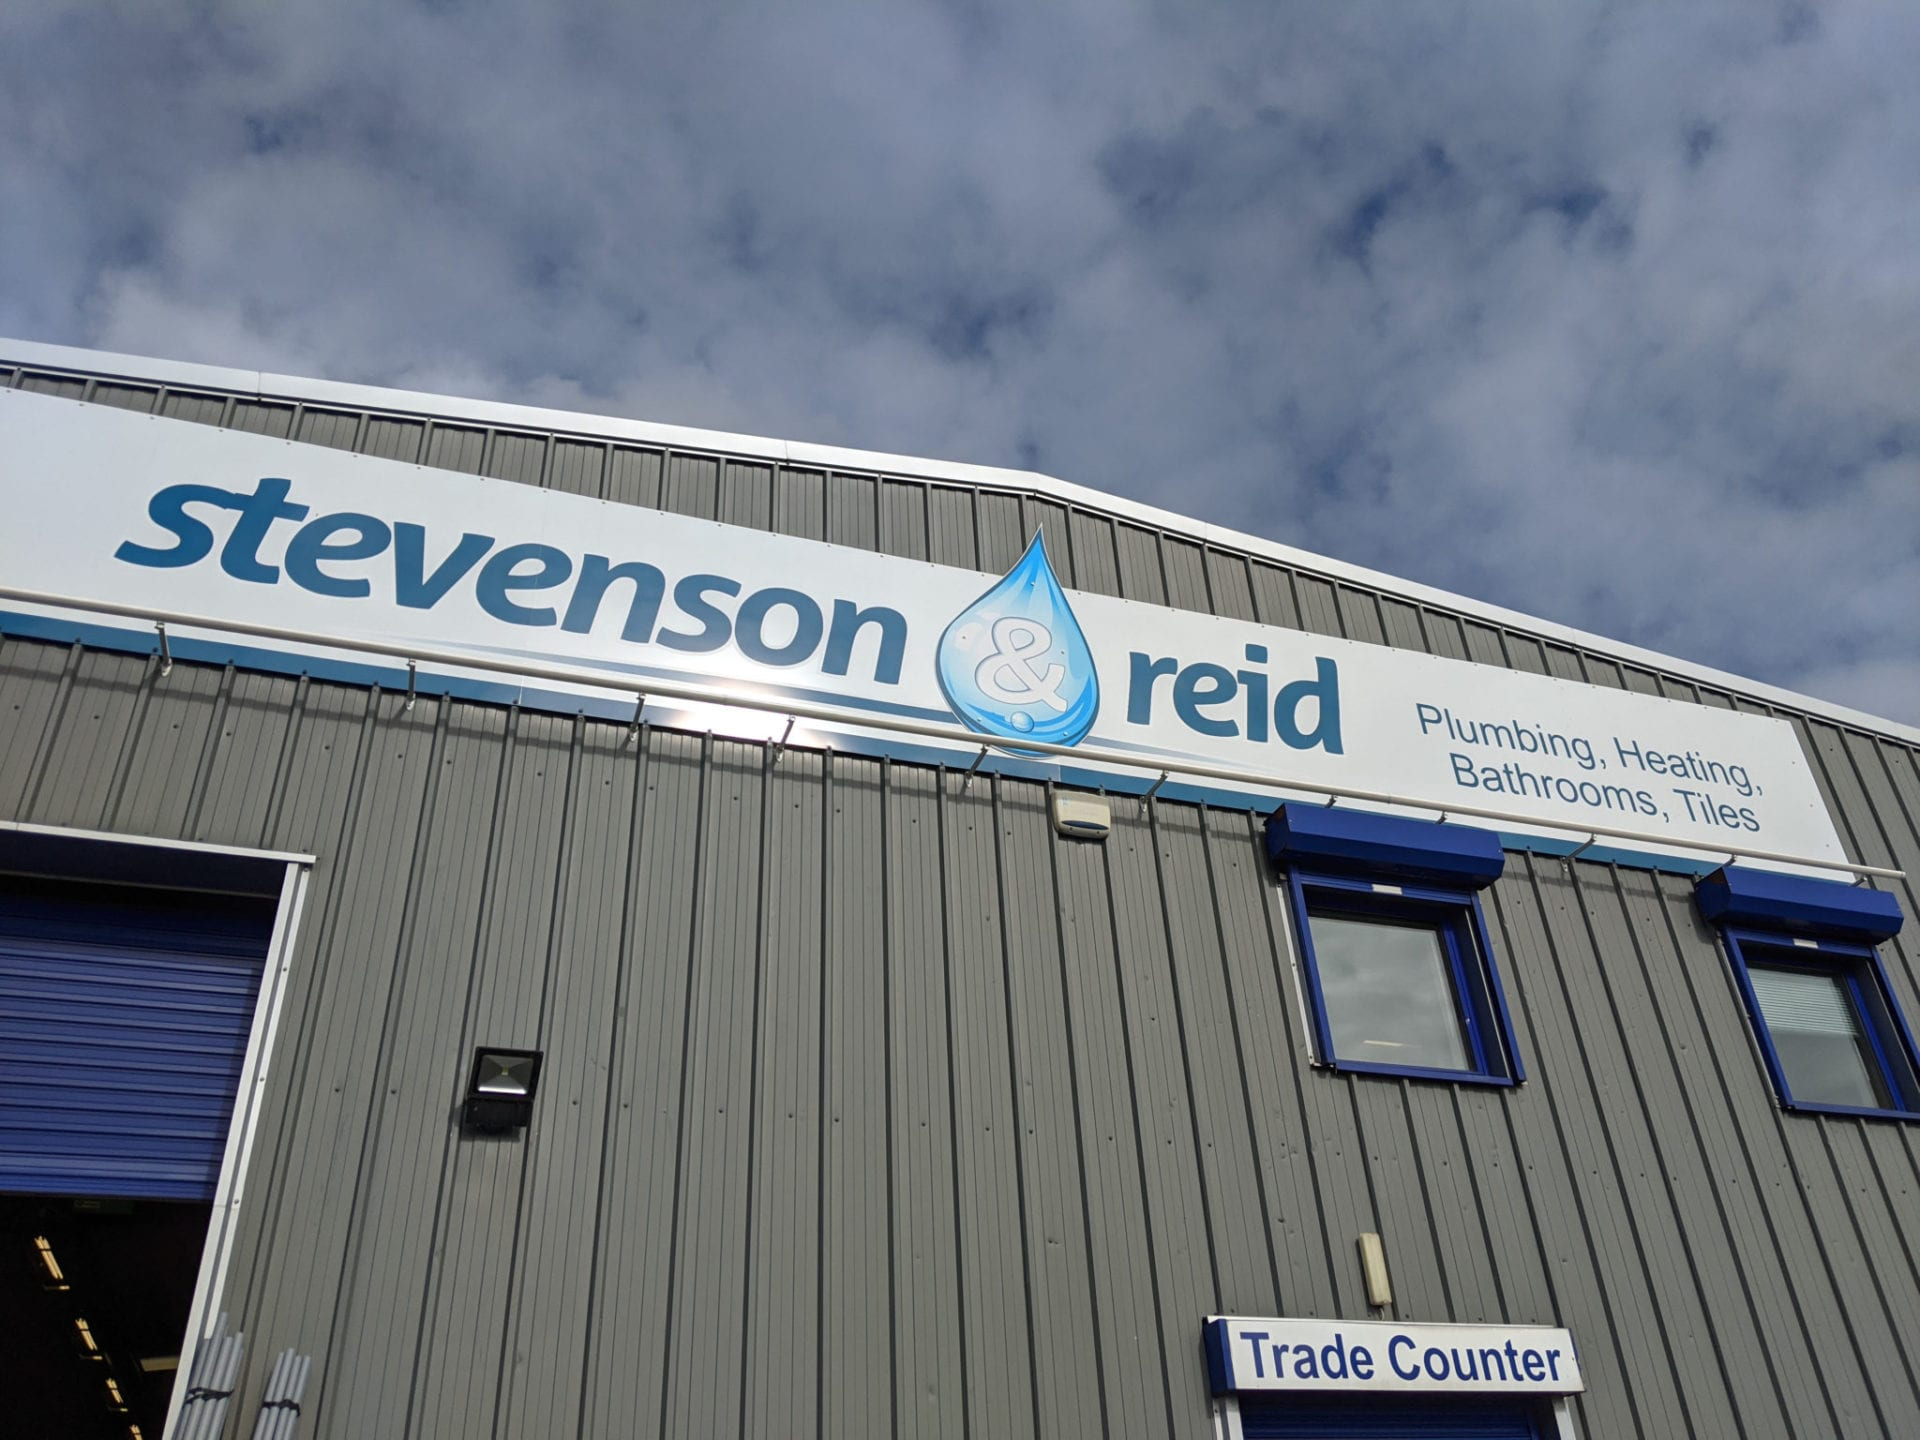 Stevenson & Reid